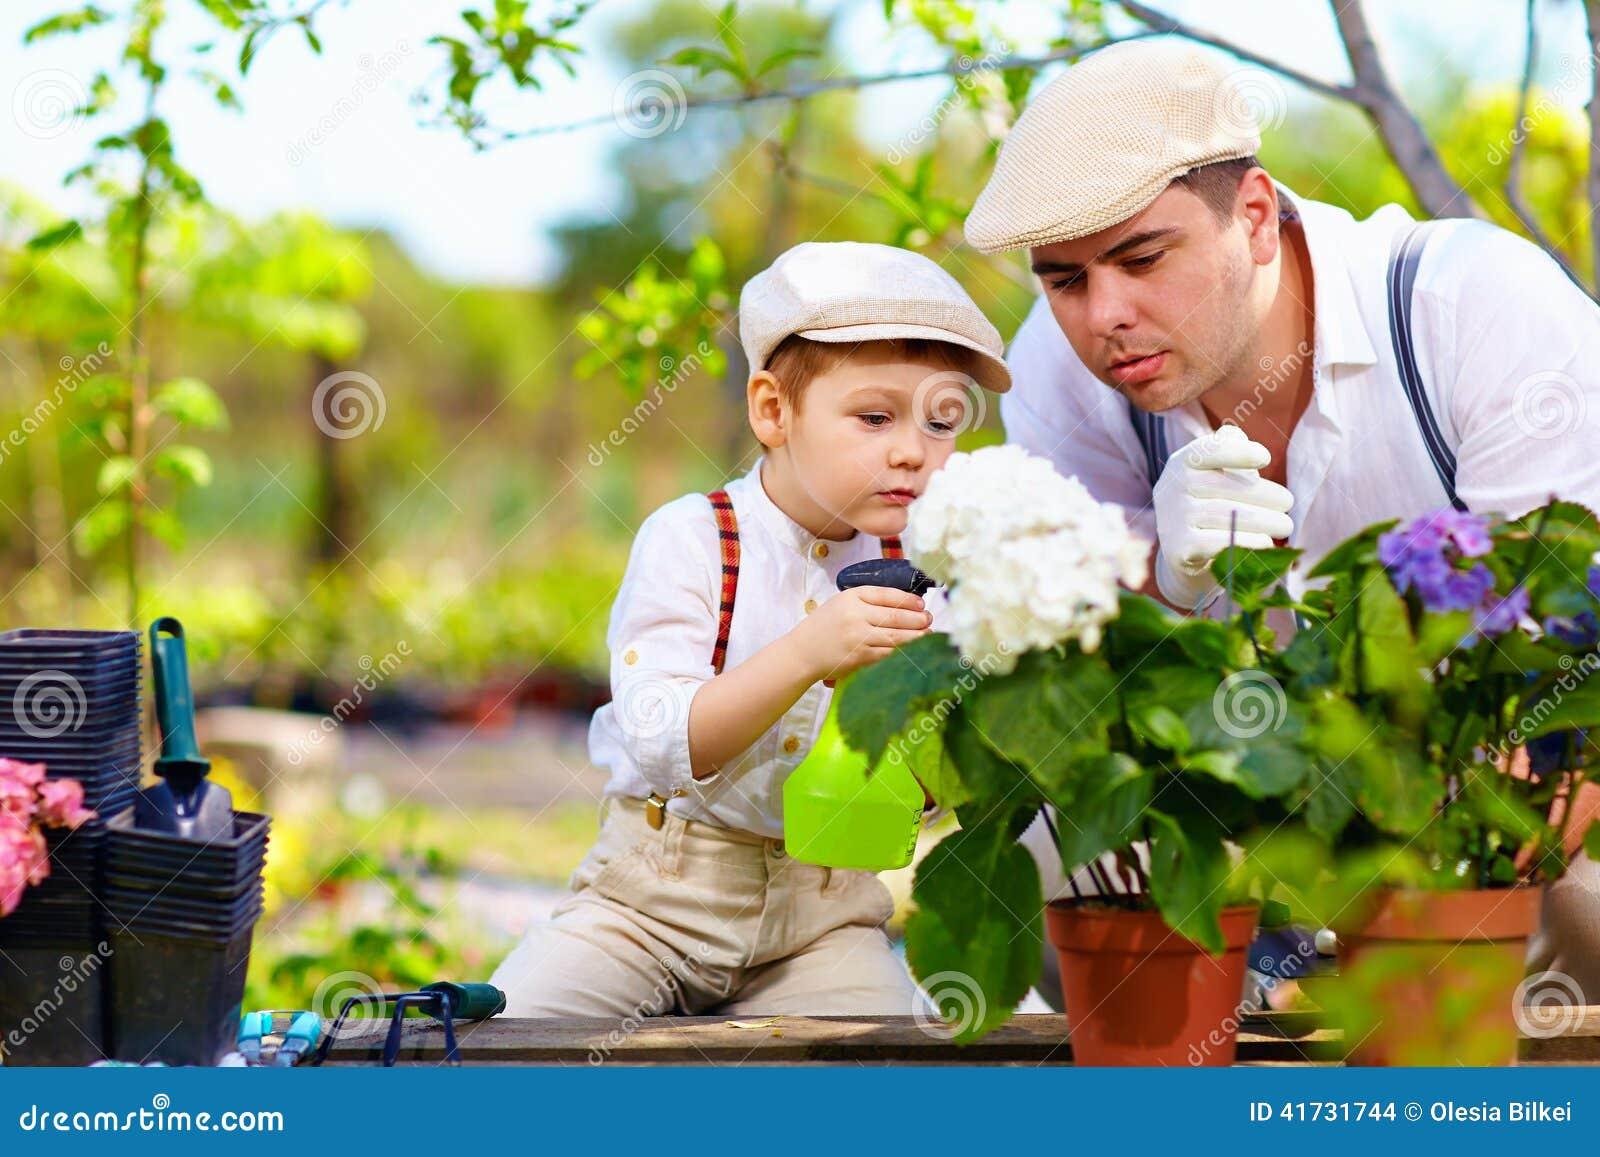 Cuidados de la familia para las plantas en jard n de la for Jardines en primavera fotos